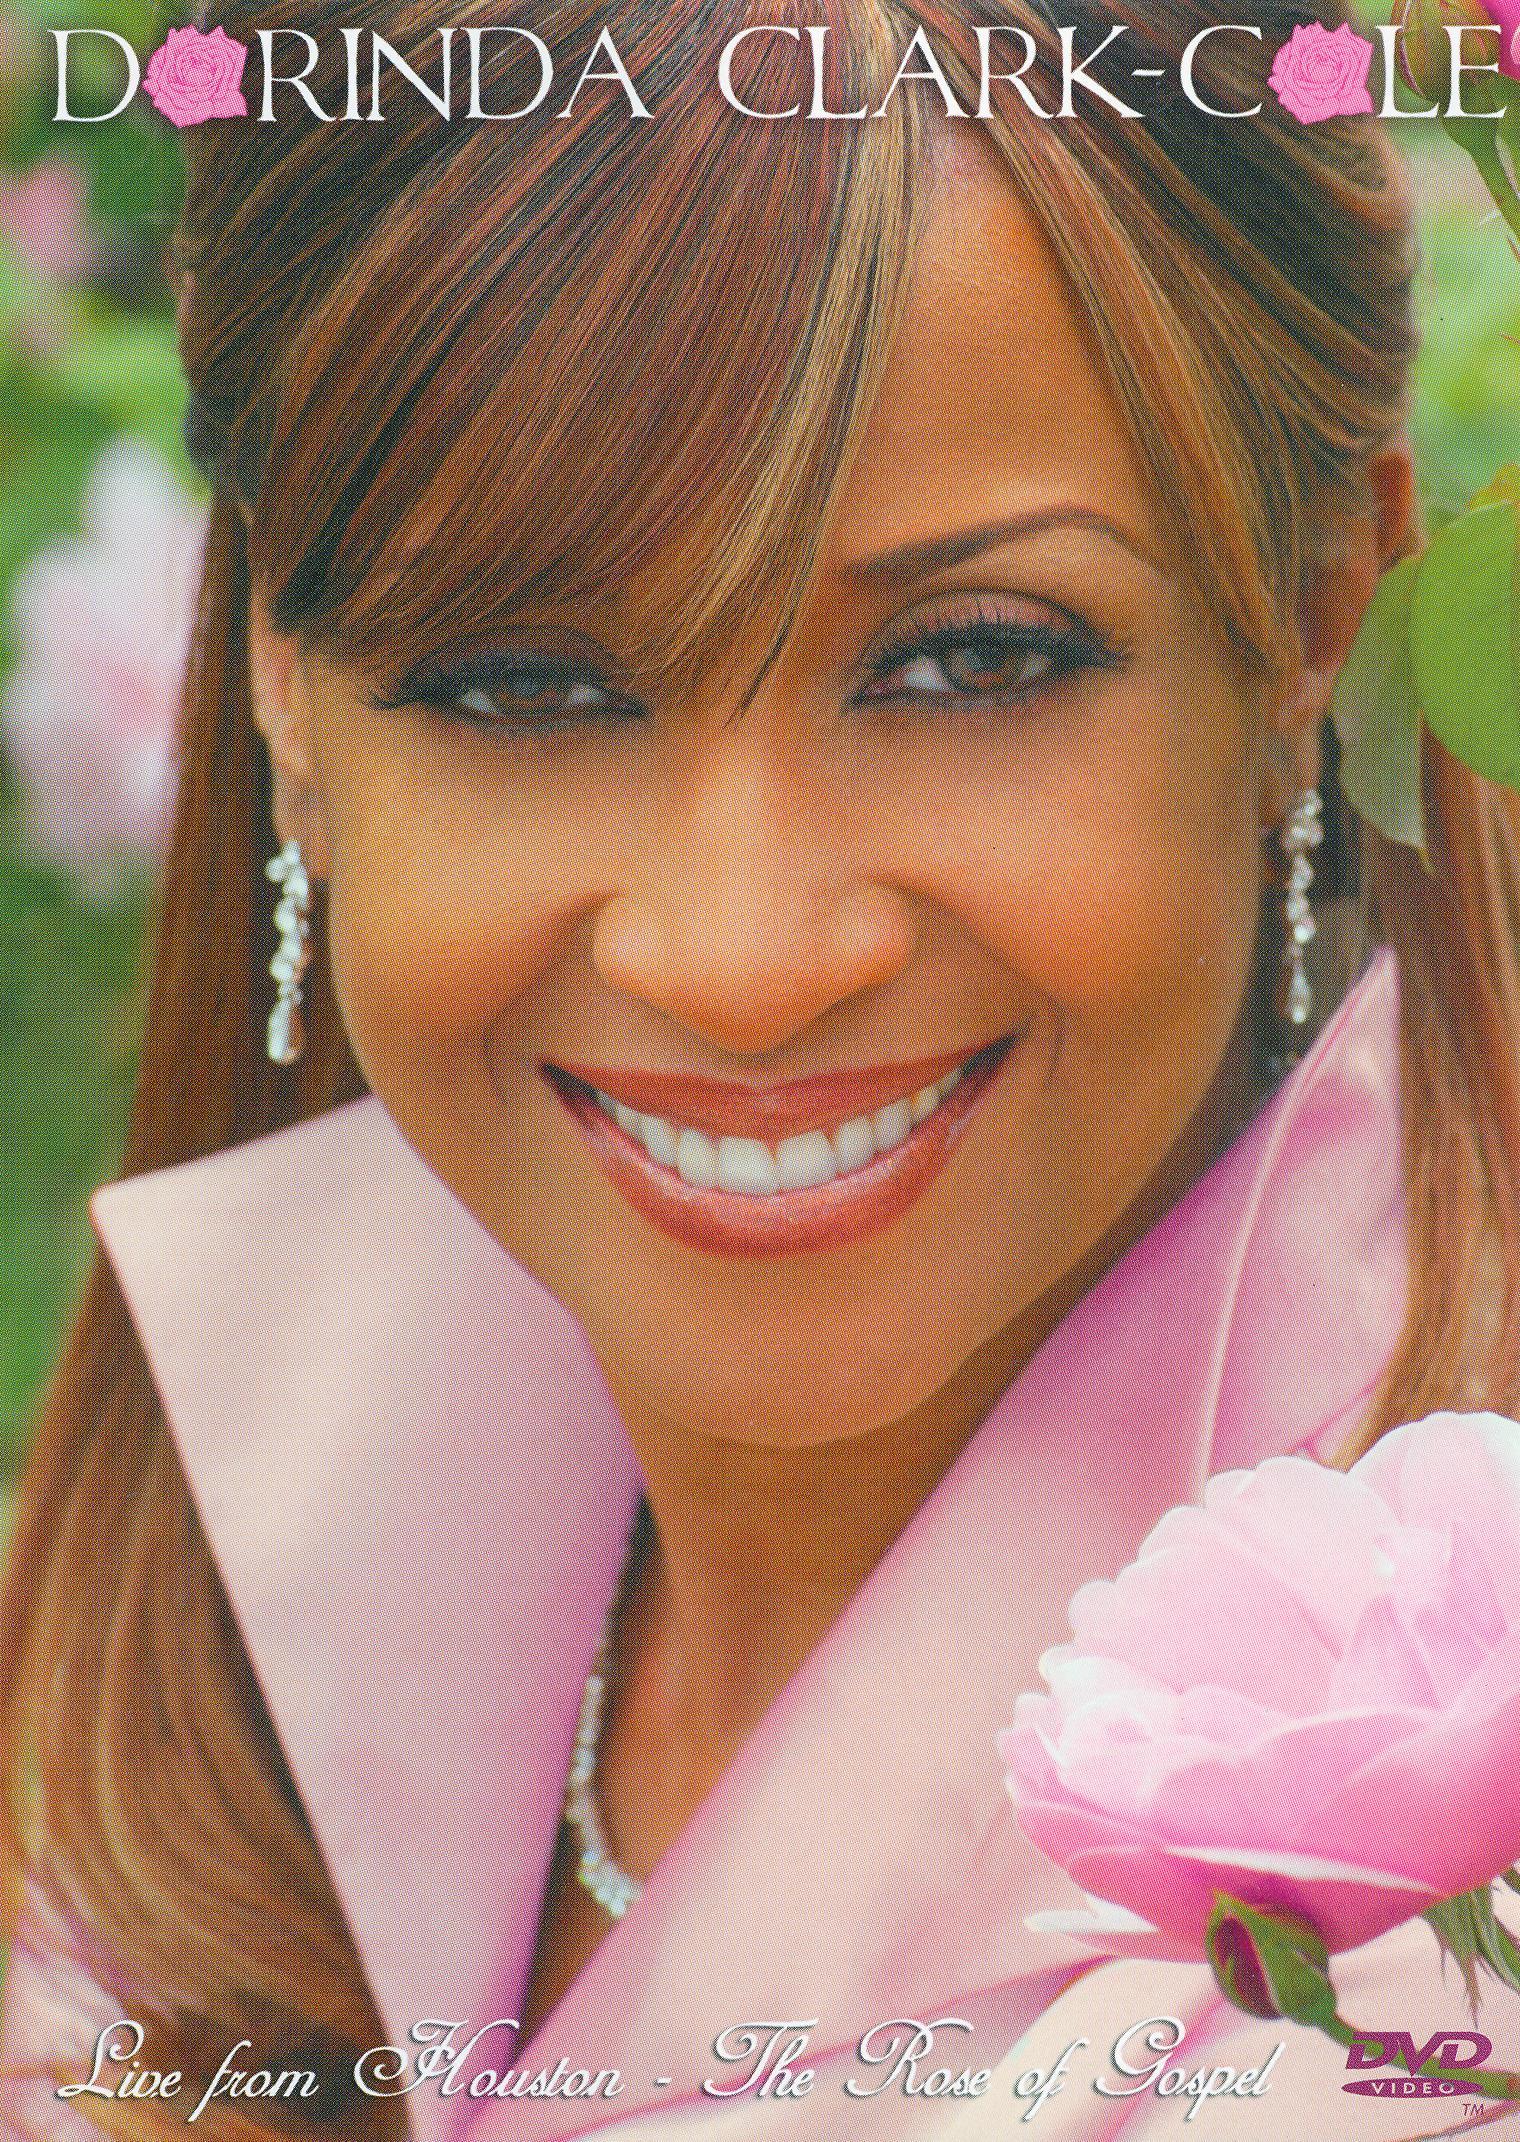 Dorinda Clark-Cole: Live from Houston: The Rose of Gospel